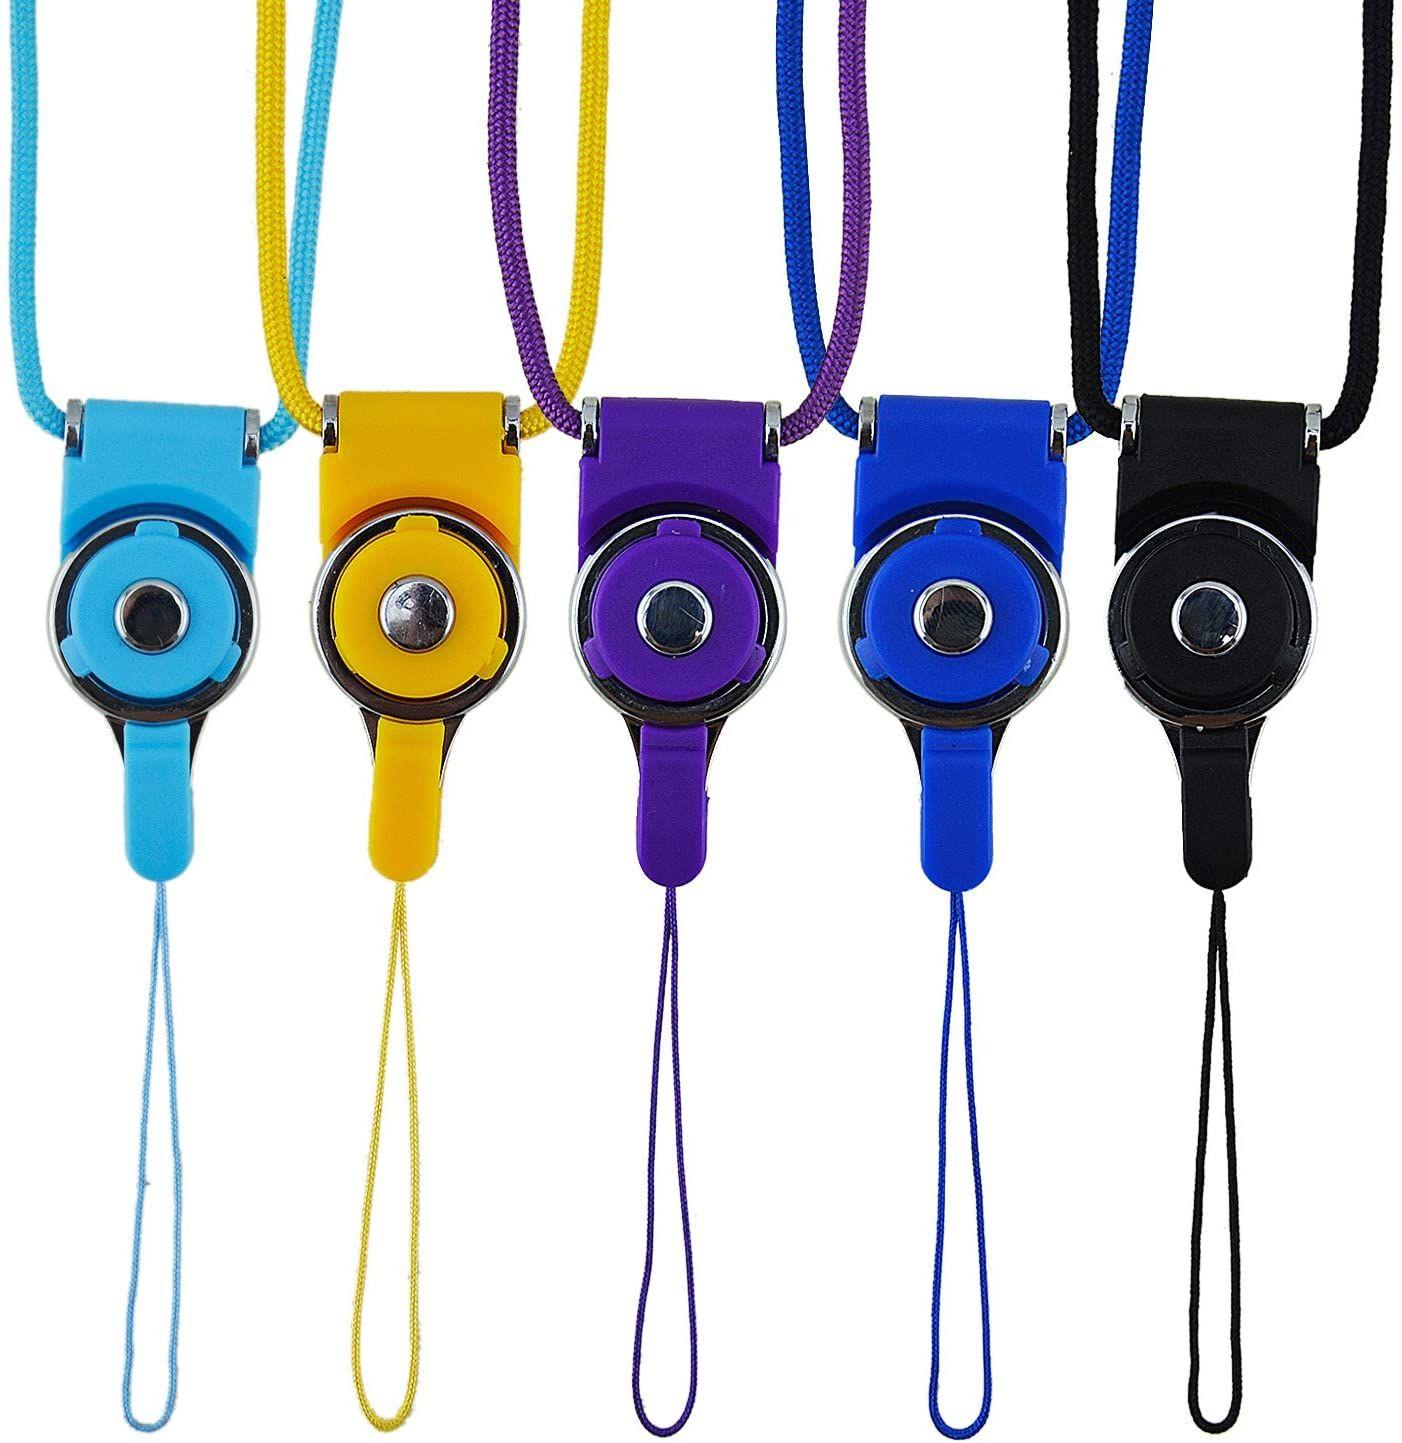 전화 넥 스트랩 끈 퀵 릴리스, 분리형 목걸이 넥 밴드, 사무실 분리 문자열, 키 체인, 아이폰, ID 배지 홀더, USB 플래시 드라이브 용 휘슬 스트랩